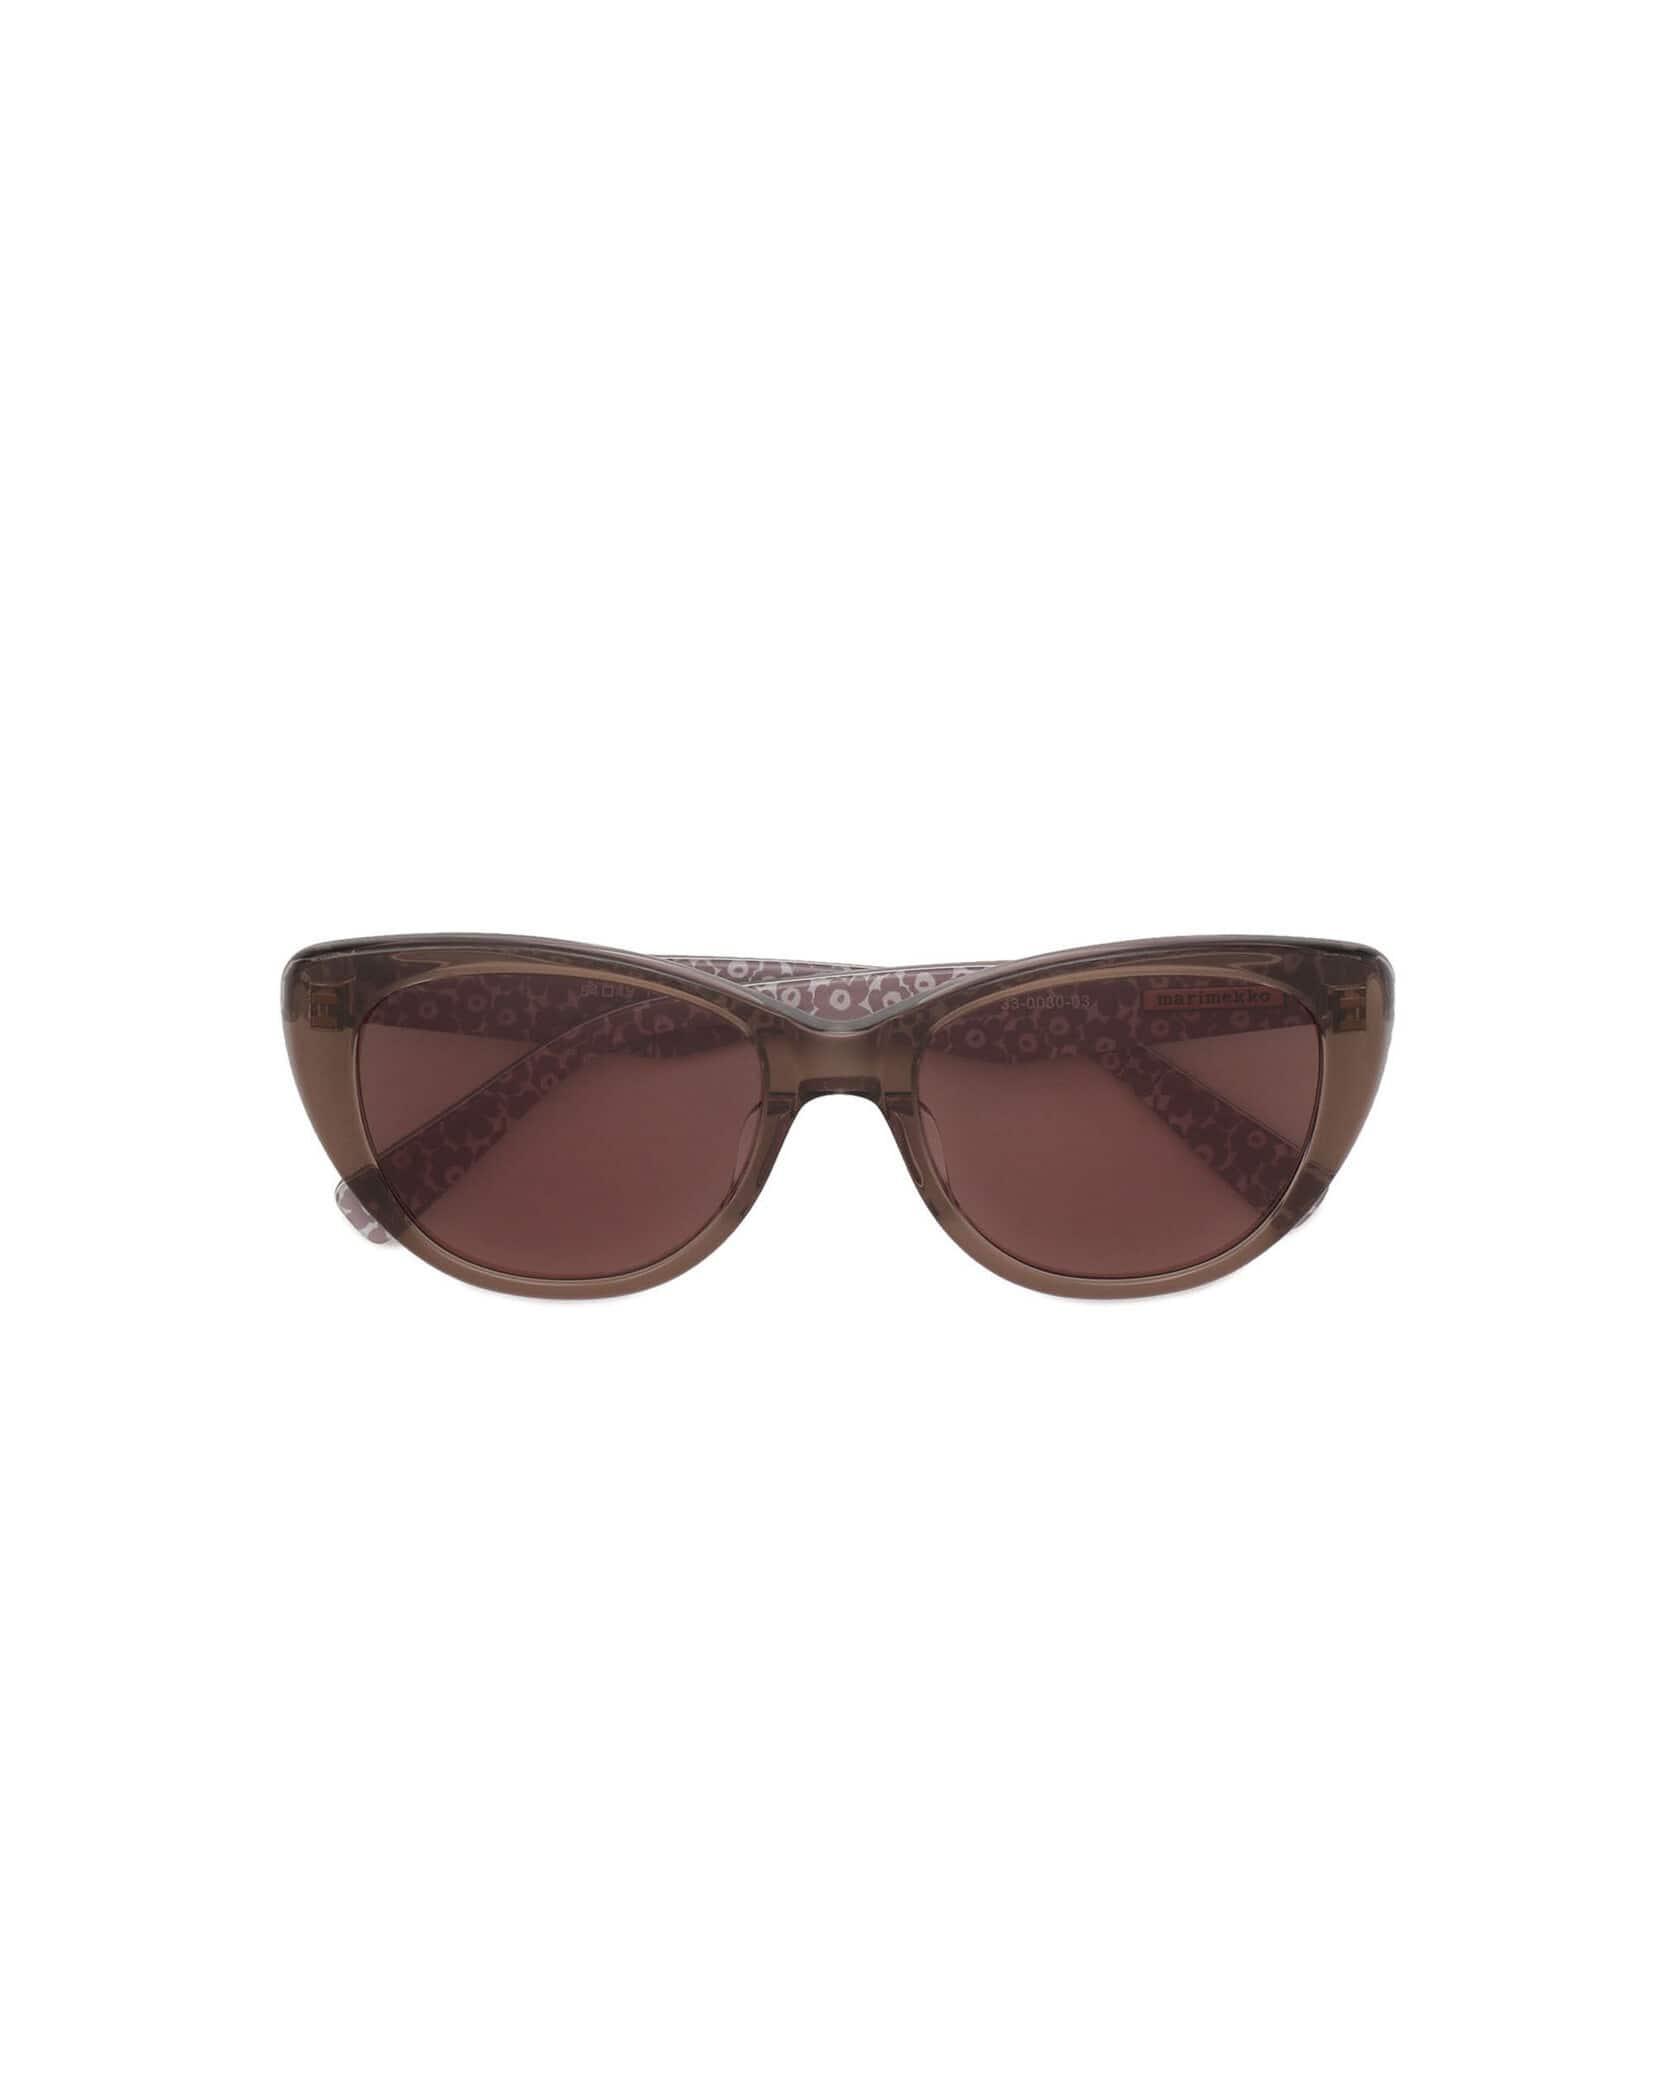 Eyewear (30030)